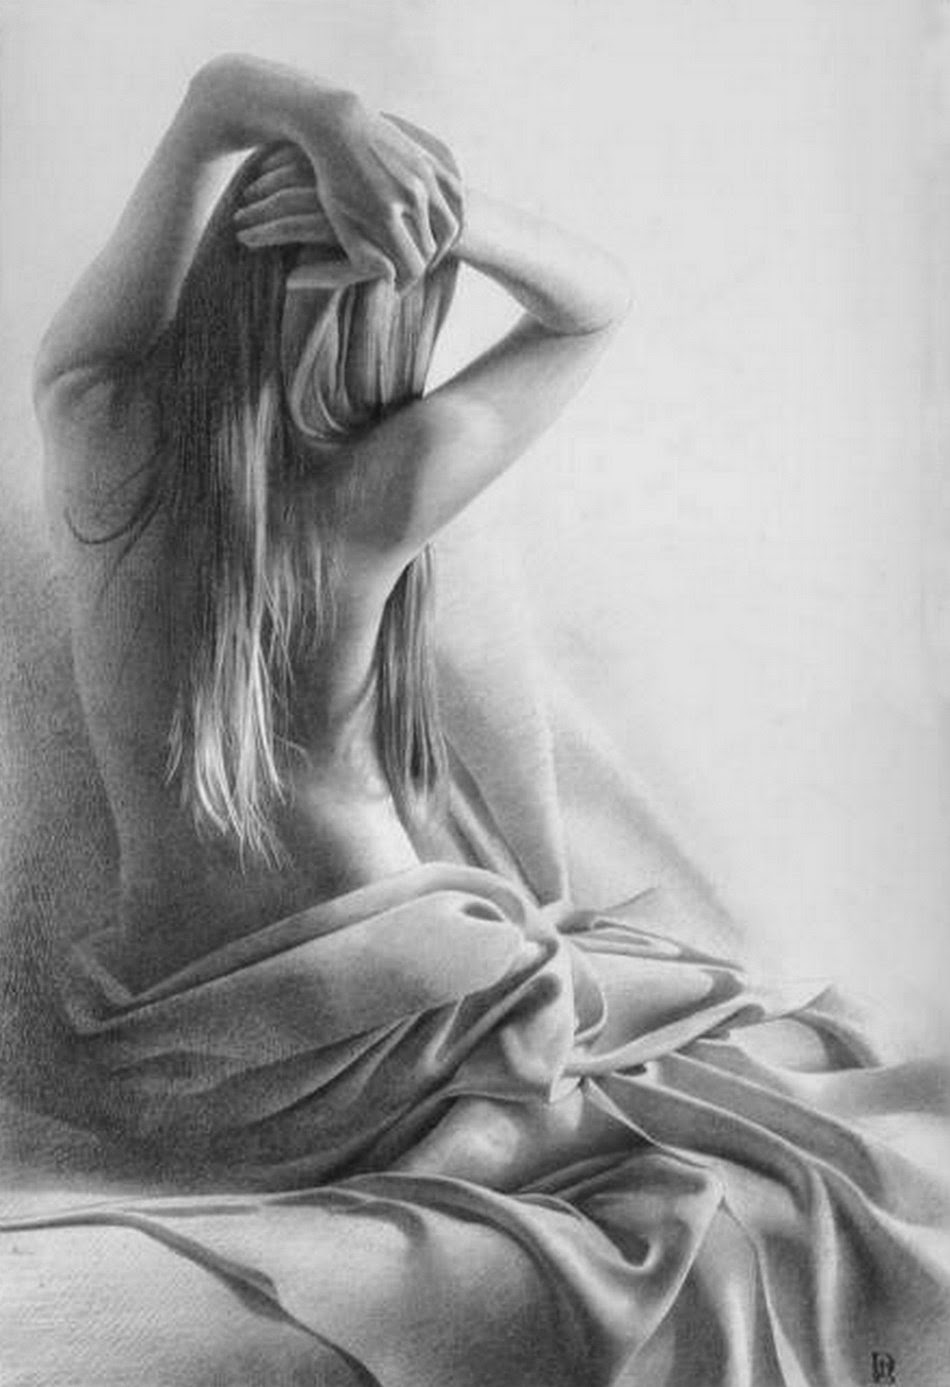 Pintura Moderna Y Fotografía Artística Imágenes De Mujeres